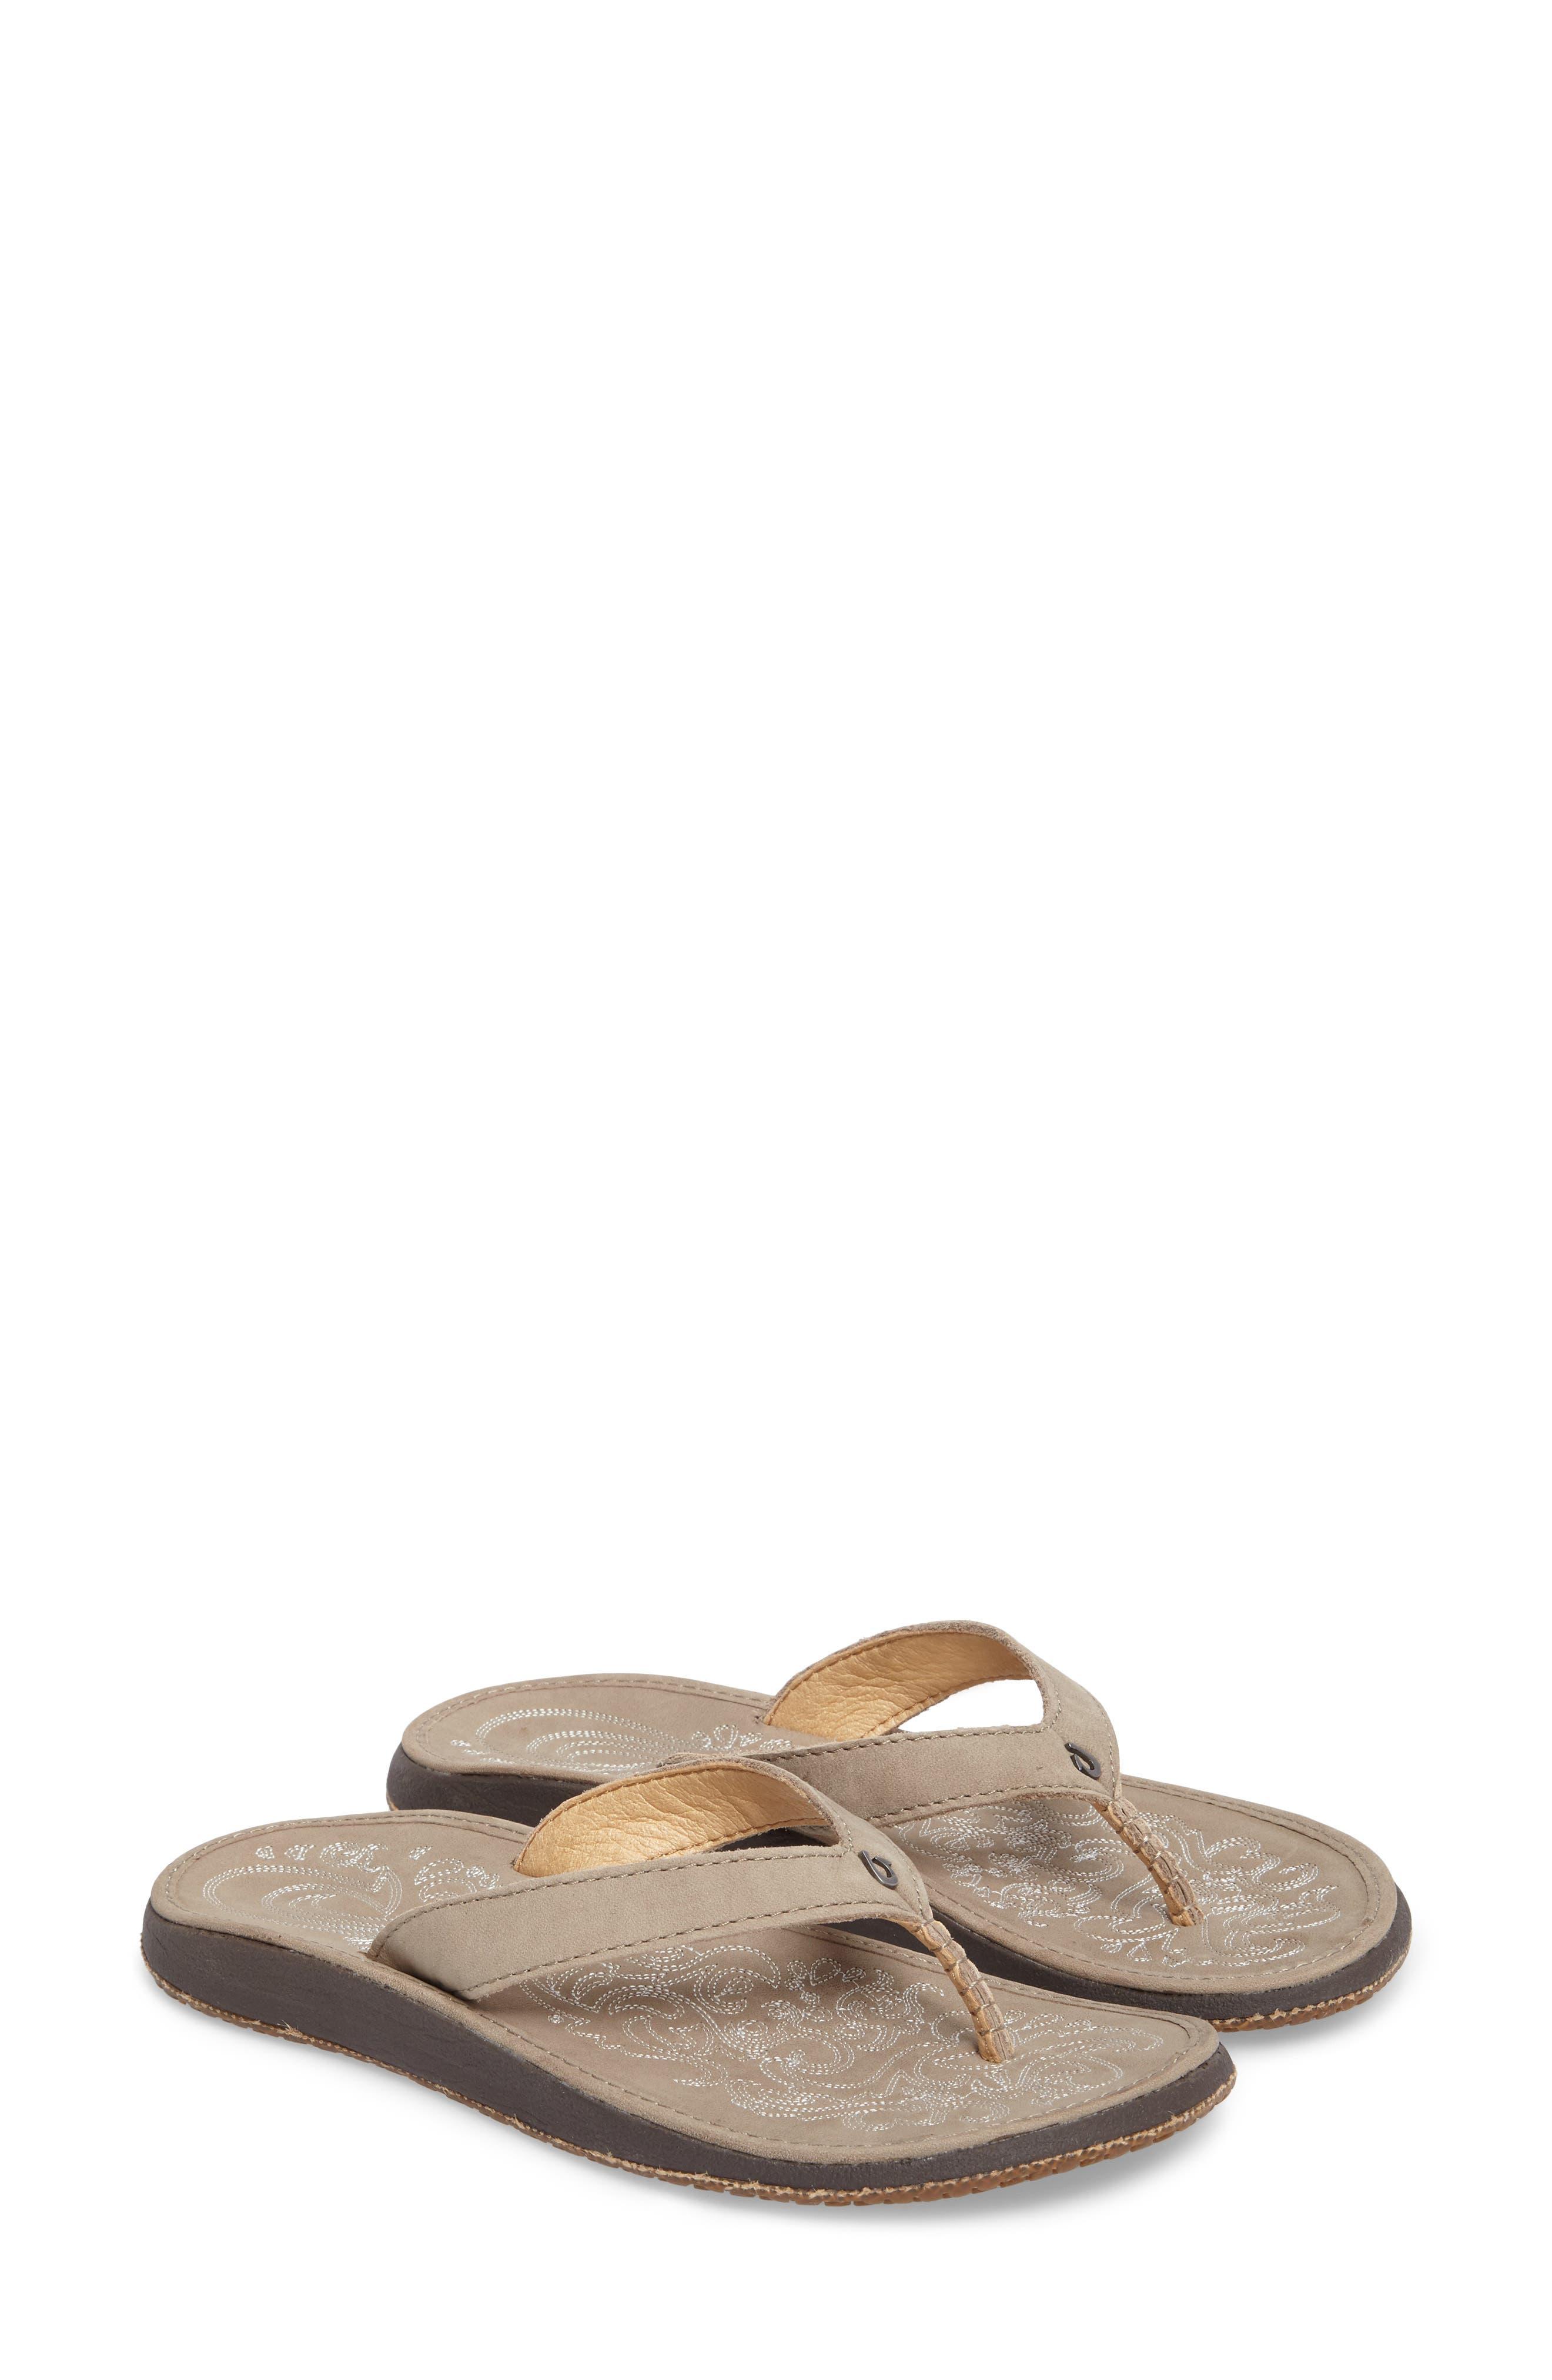 OLUKAI 'Paniolo' Thong Sandal, Main, color, TAUPE/ TAUPE LEATHER